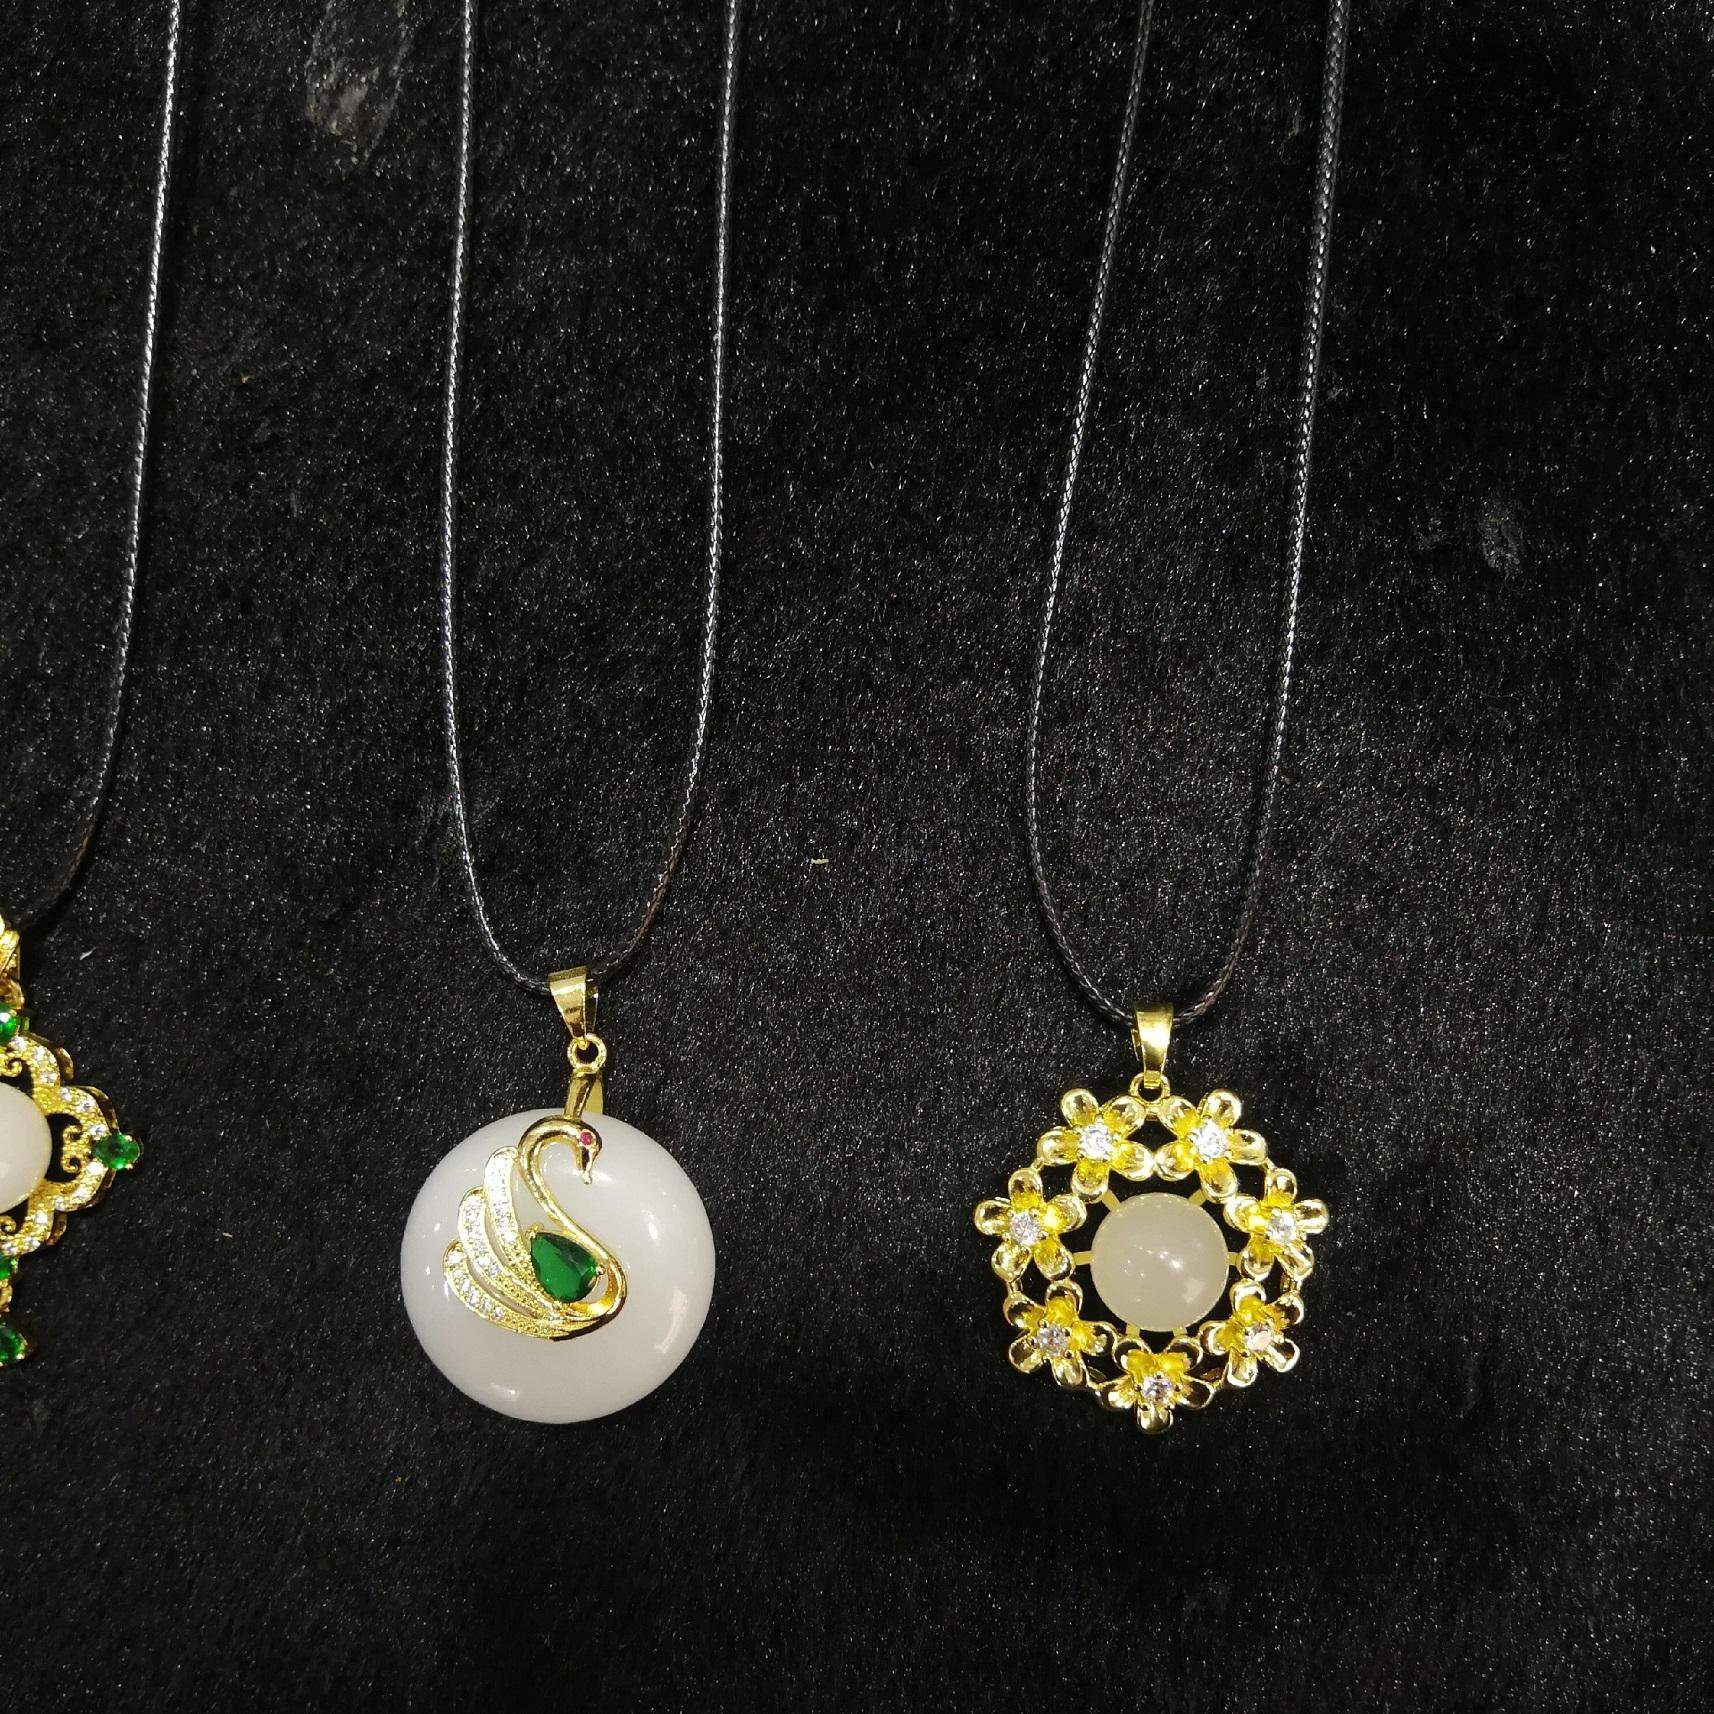 浙江玉石工艺品